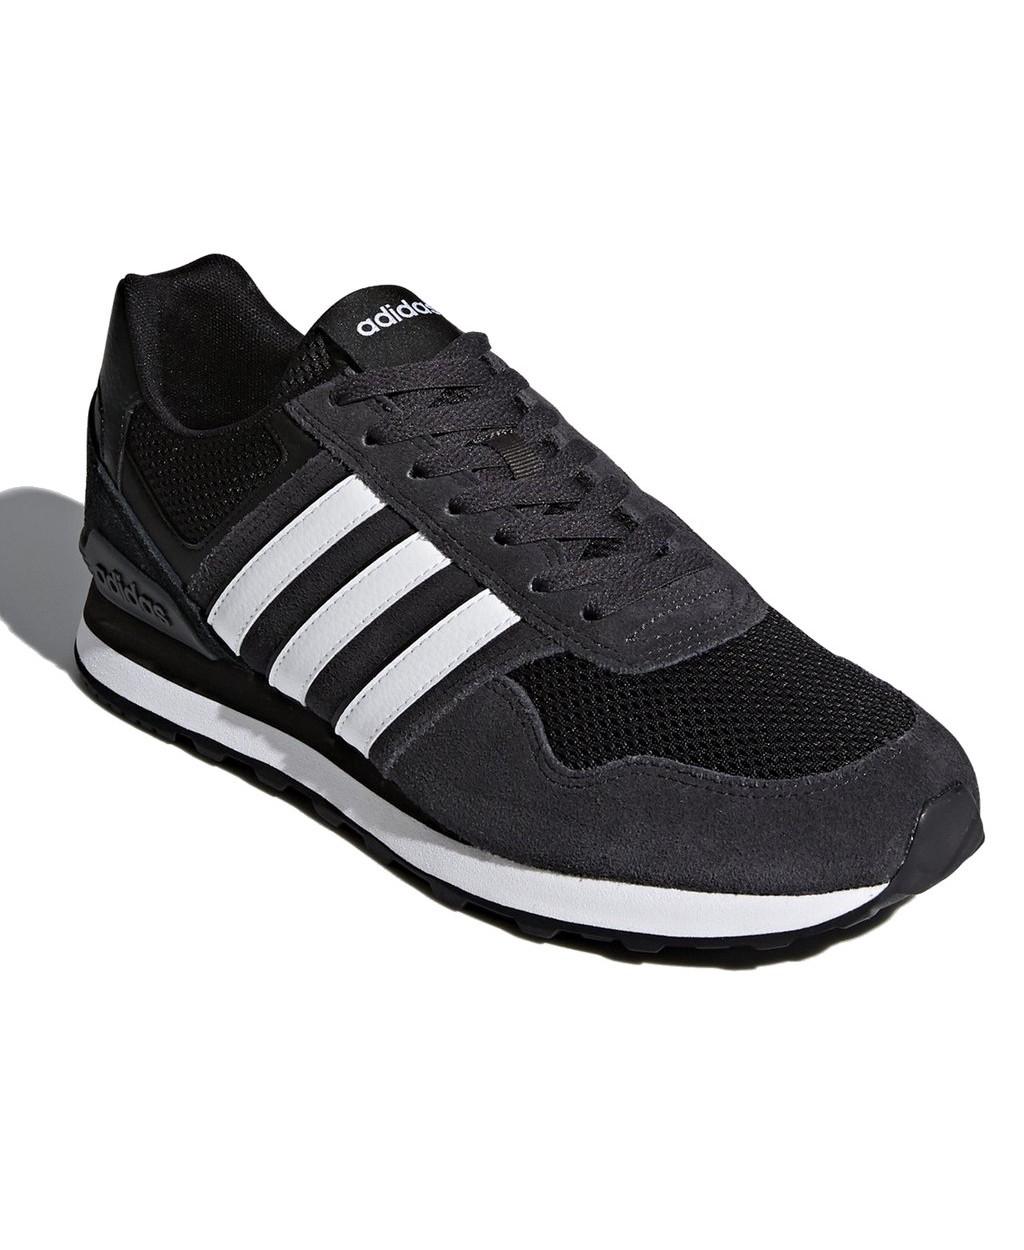 3 di 8 Adidas Scarpe Sneakers Sportive 10K 2018 19 Nero